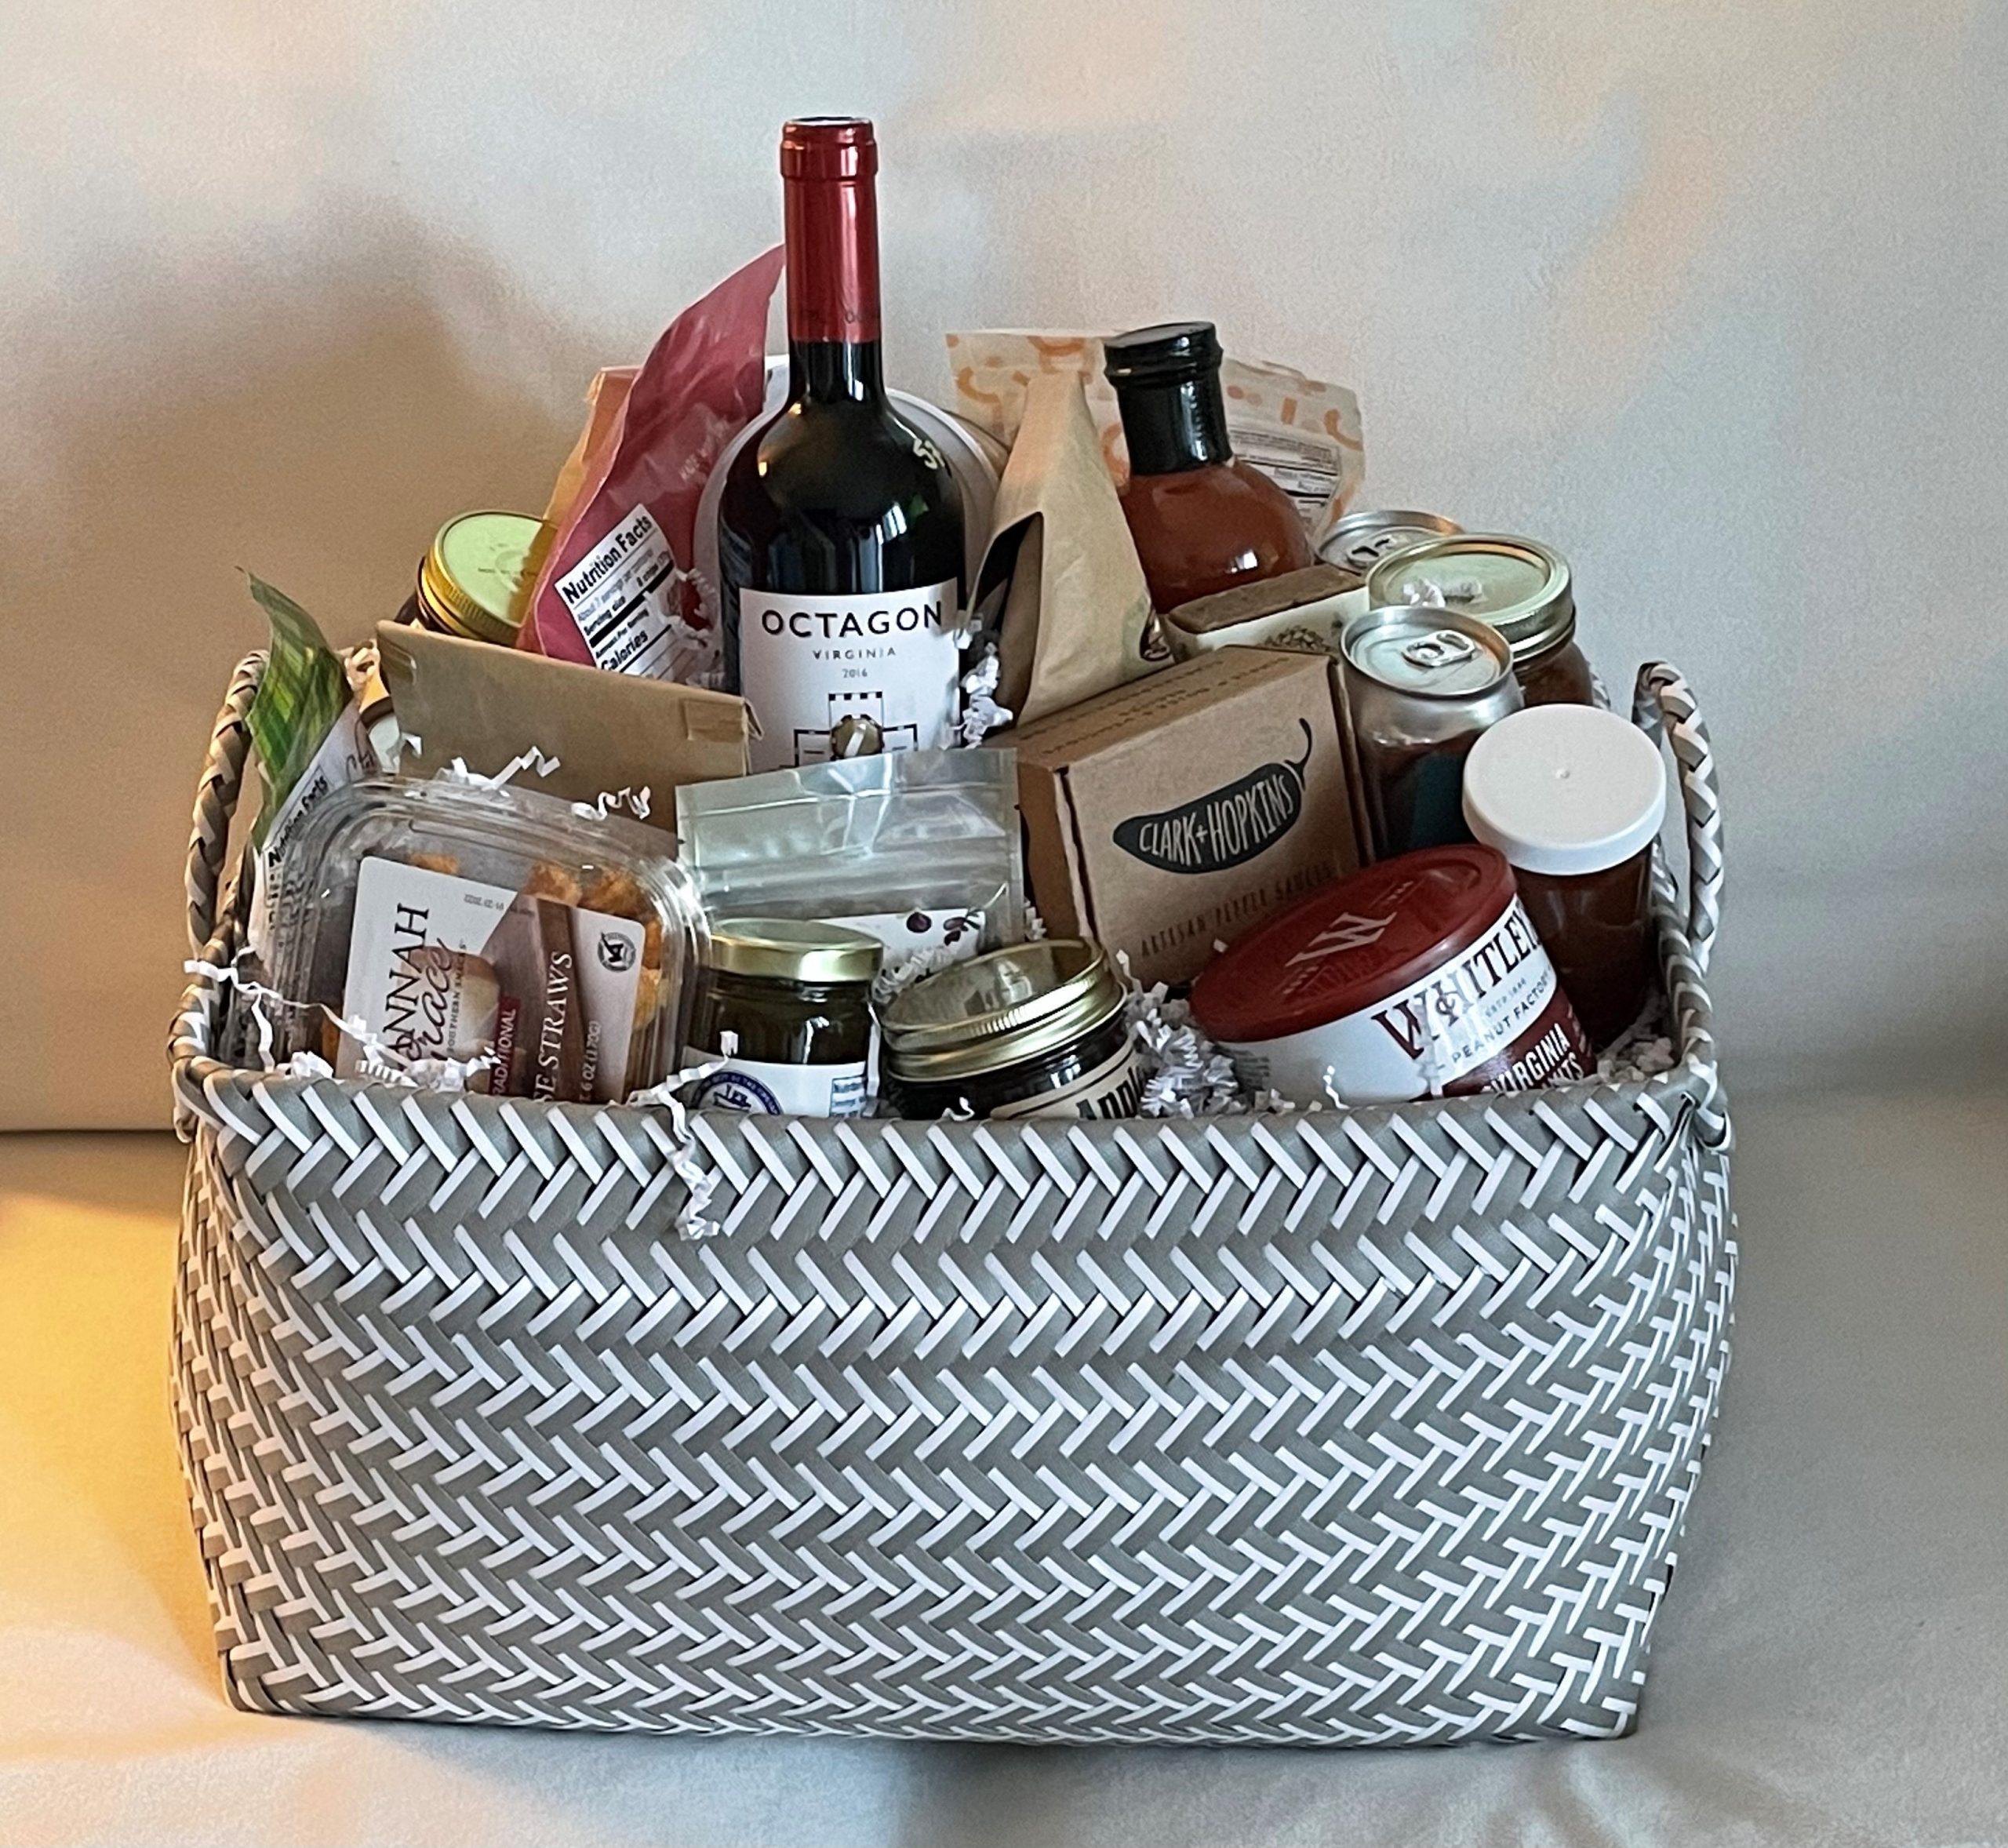 VA Products Basket Photo